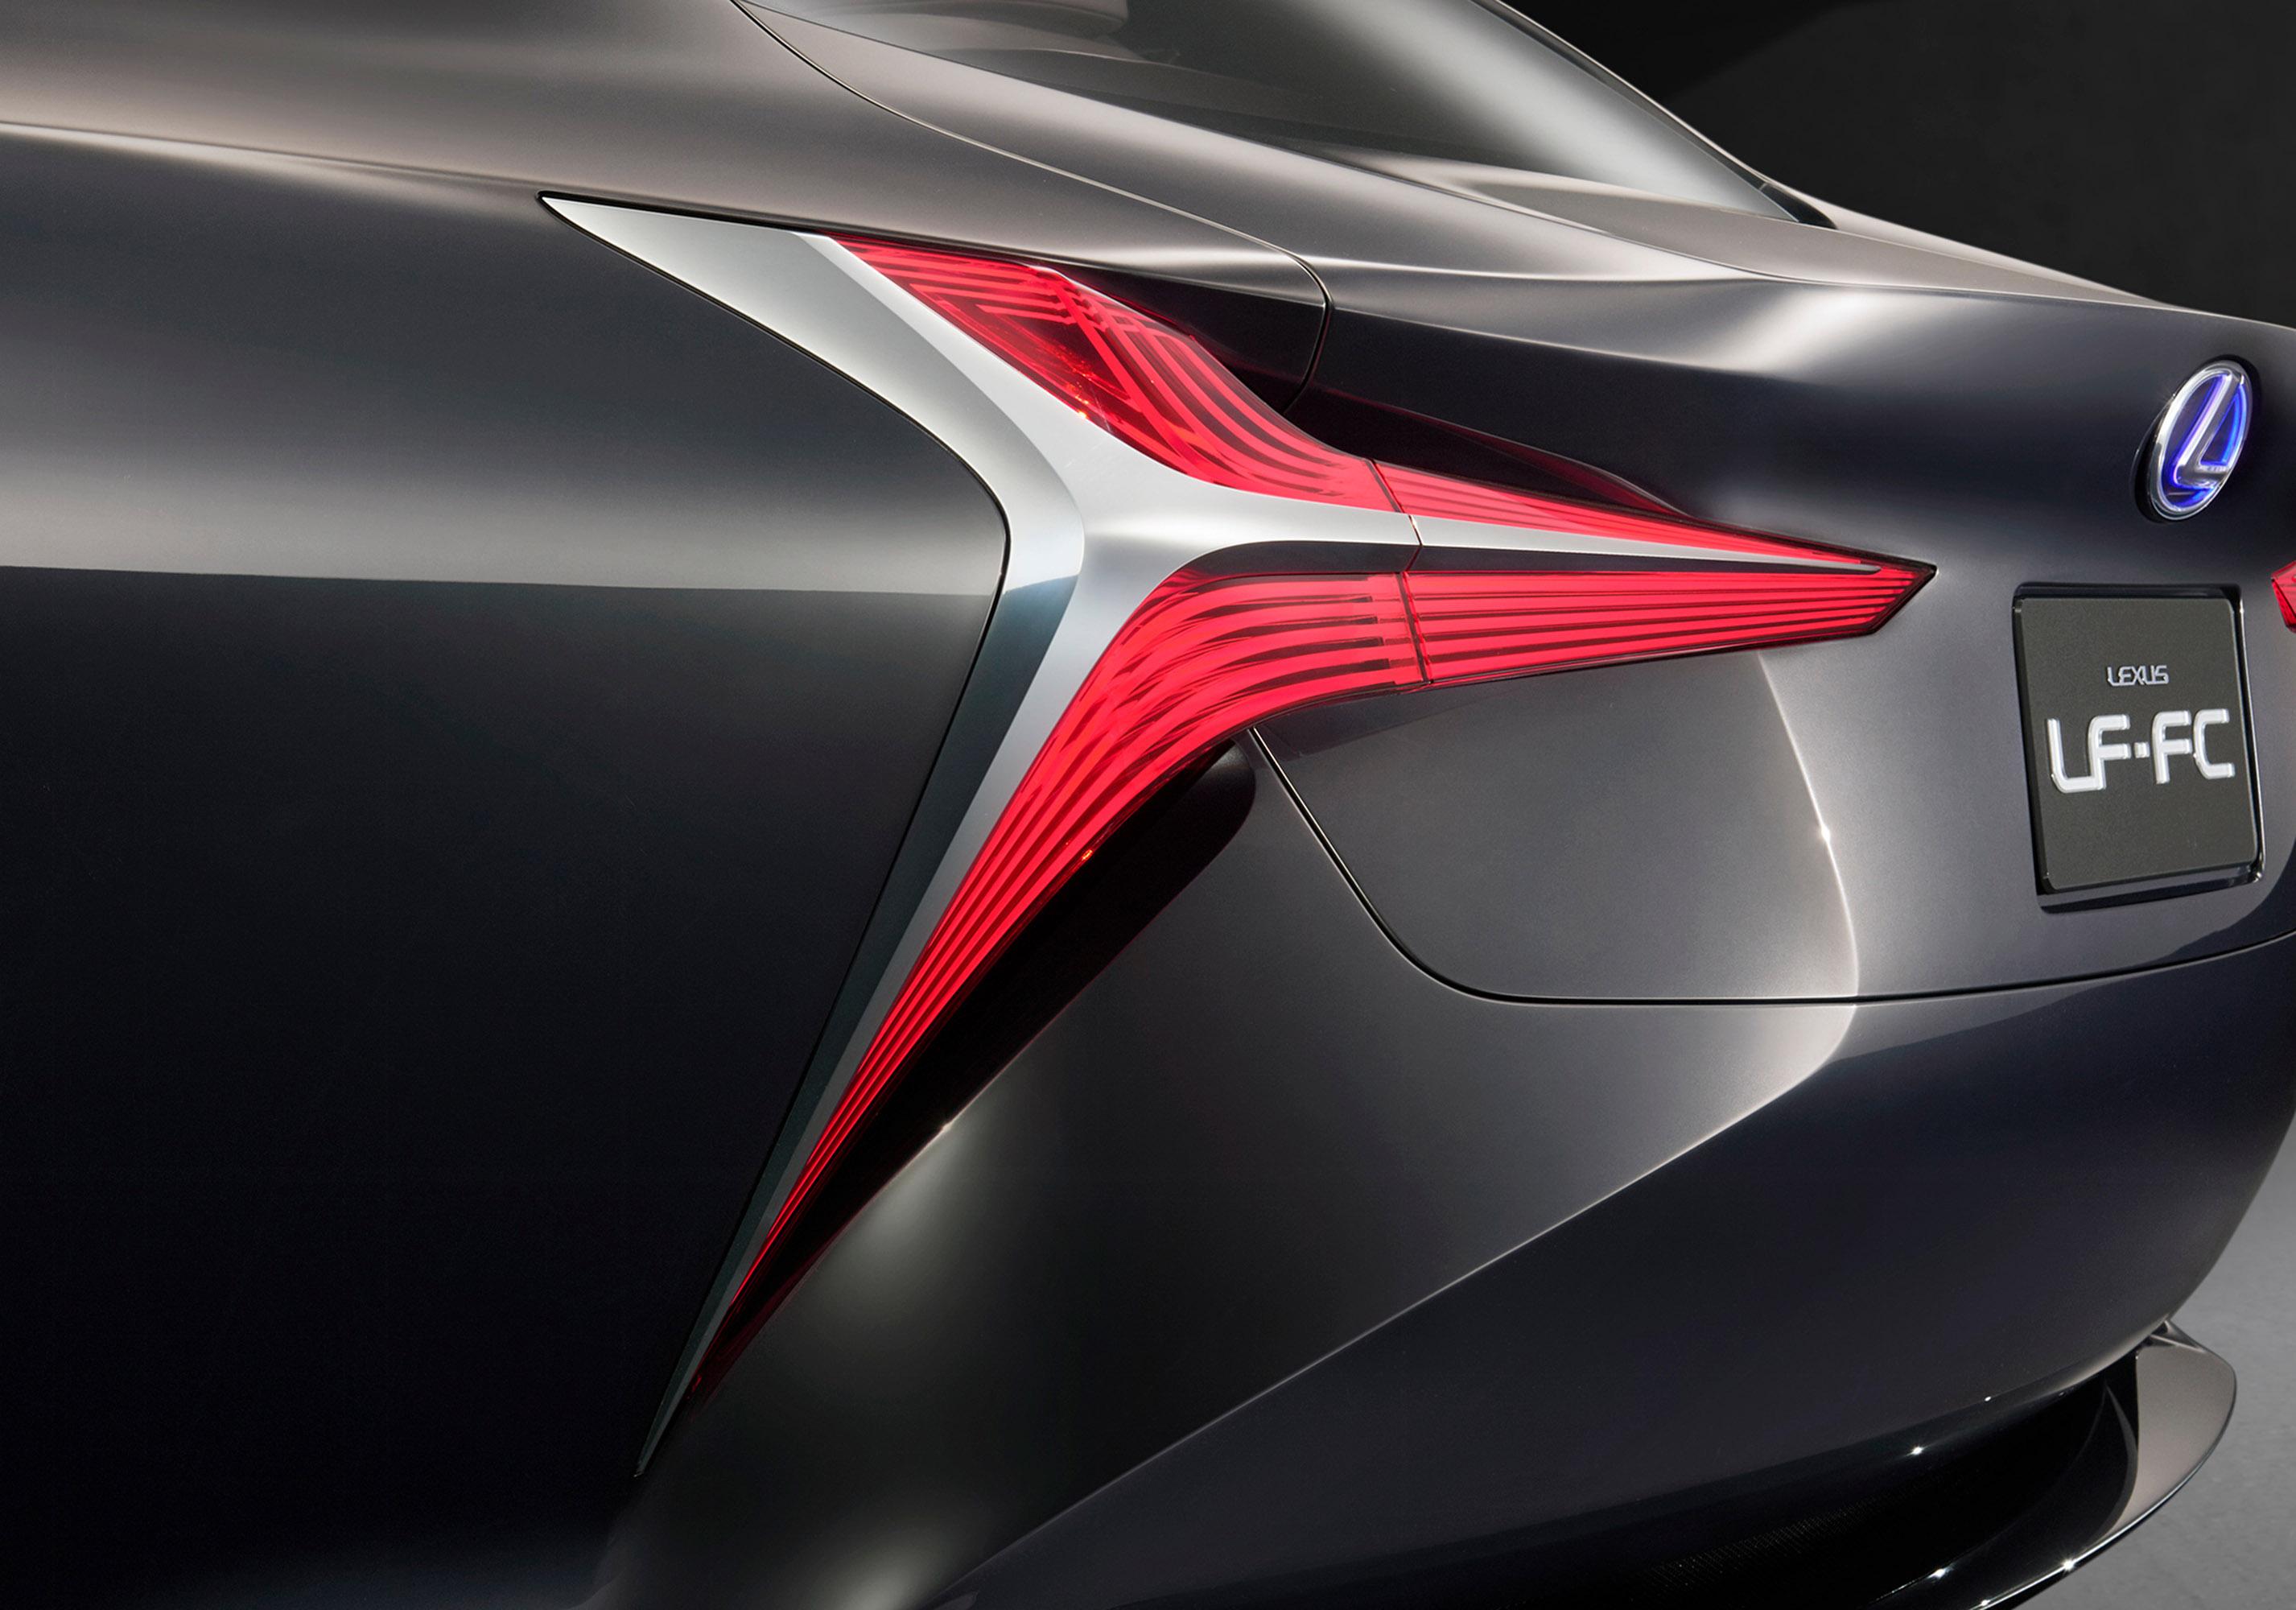 https://www.automobilesreview.com/img/2015-lexus-lf-fc-concept/2015-lexus-lf-fc-concept-15.jpg